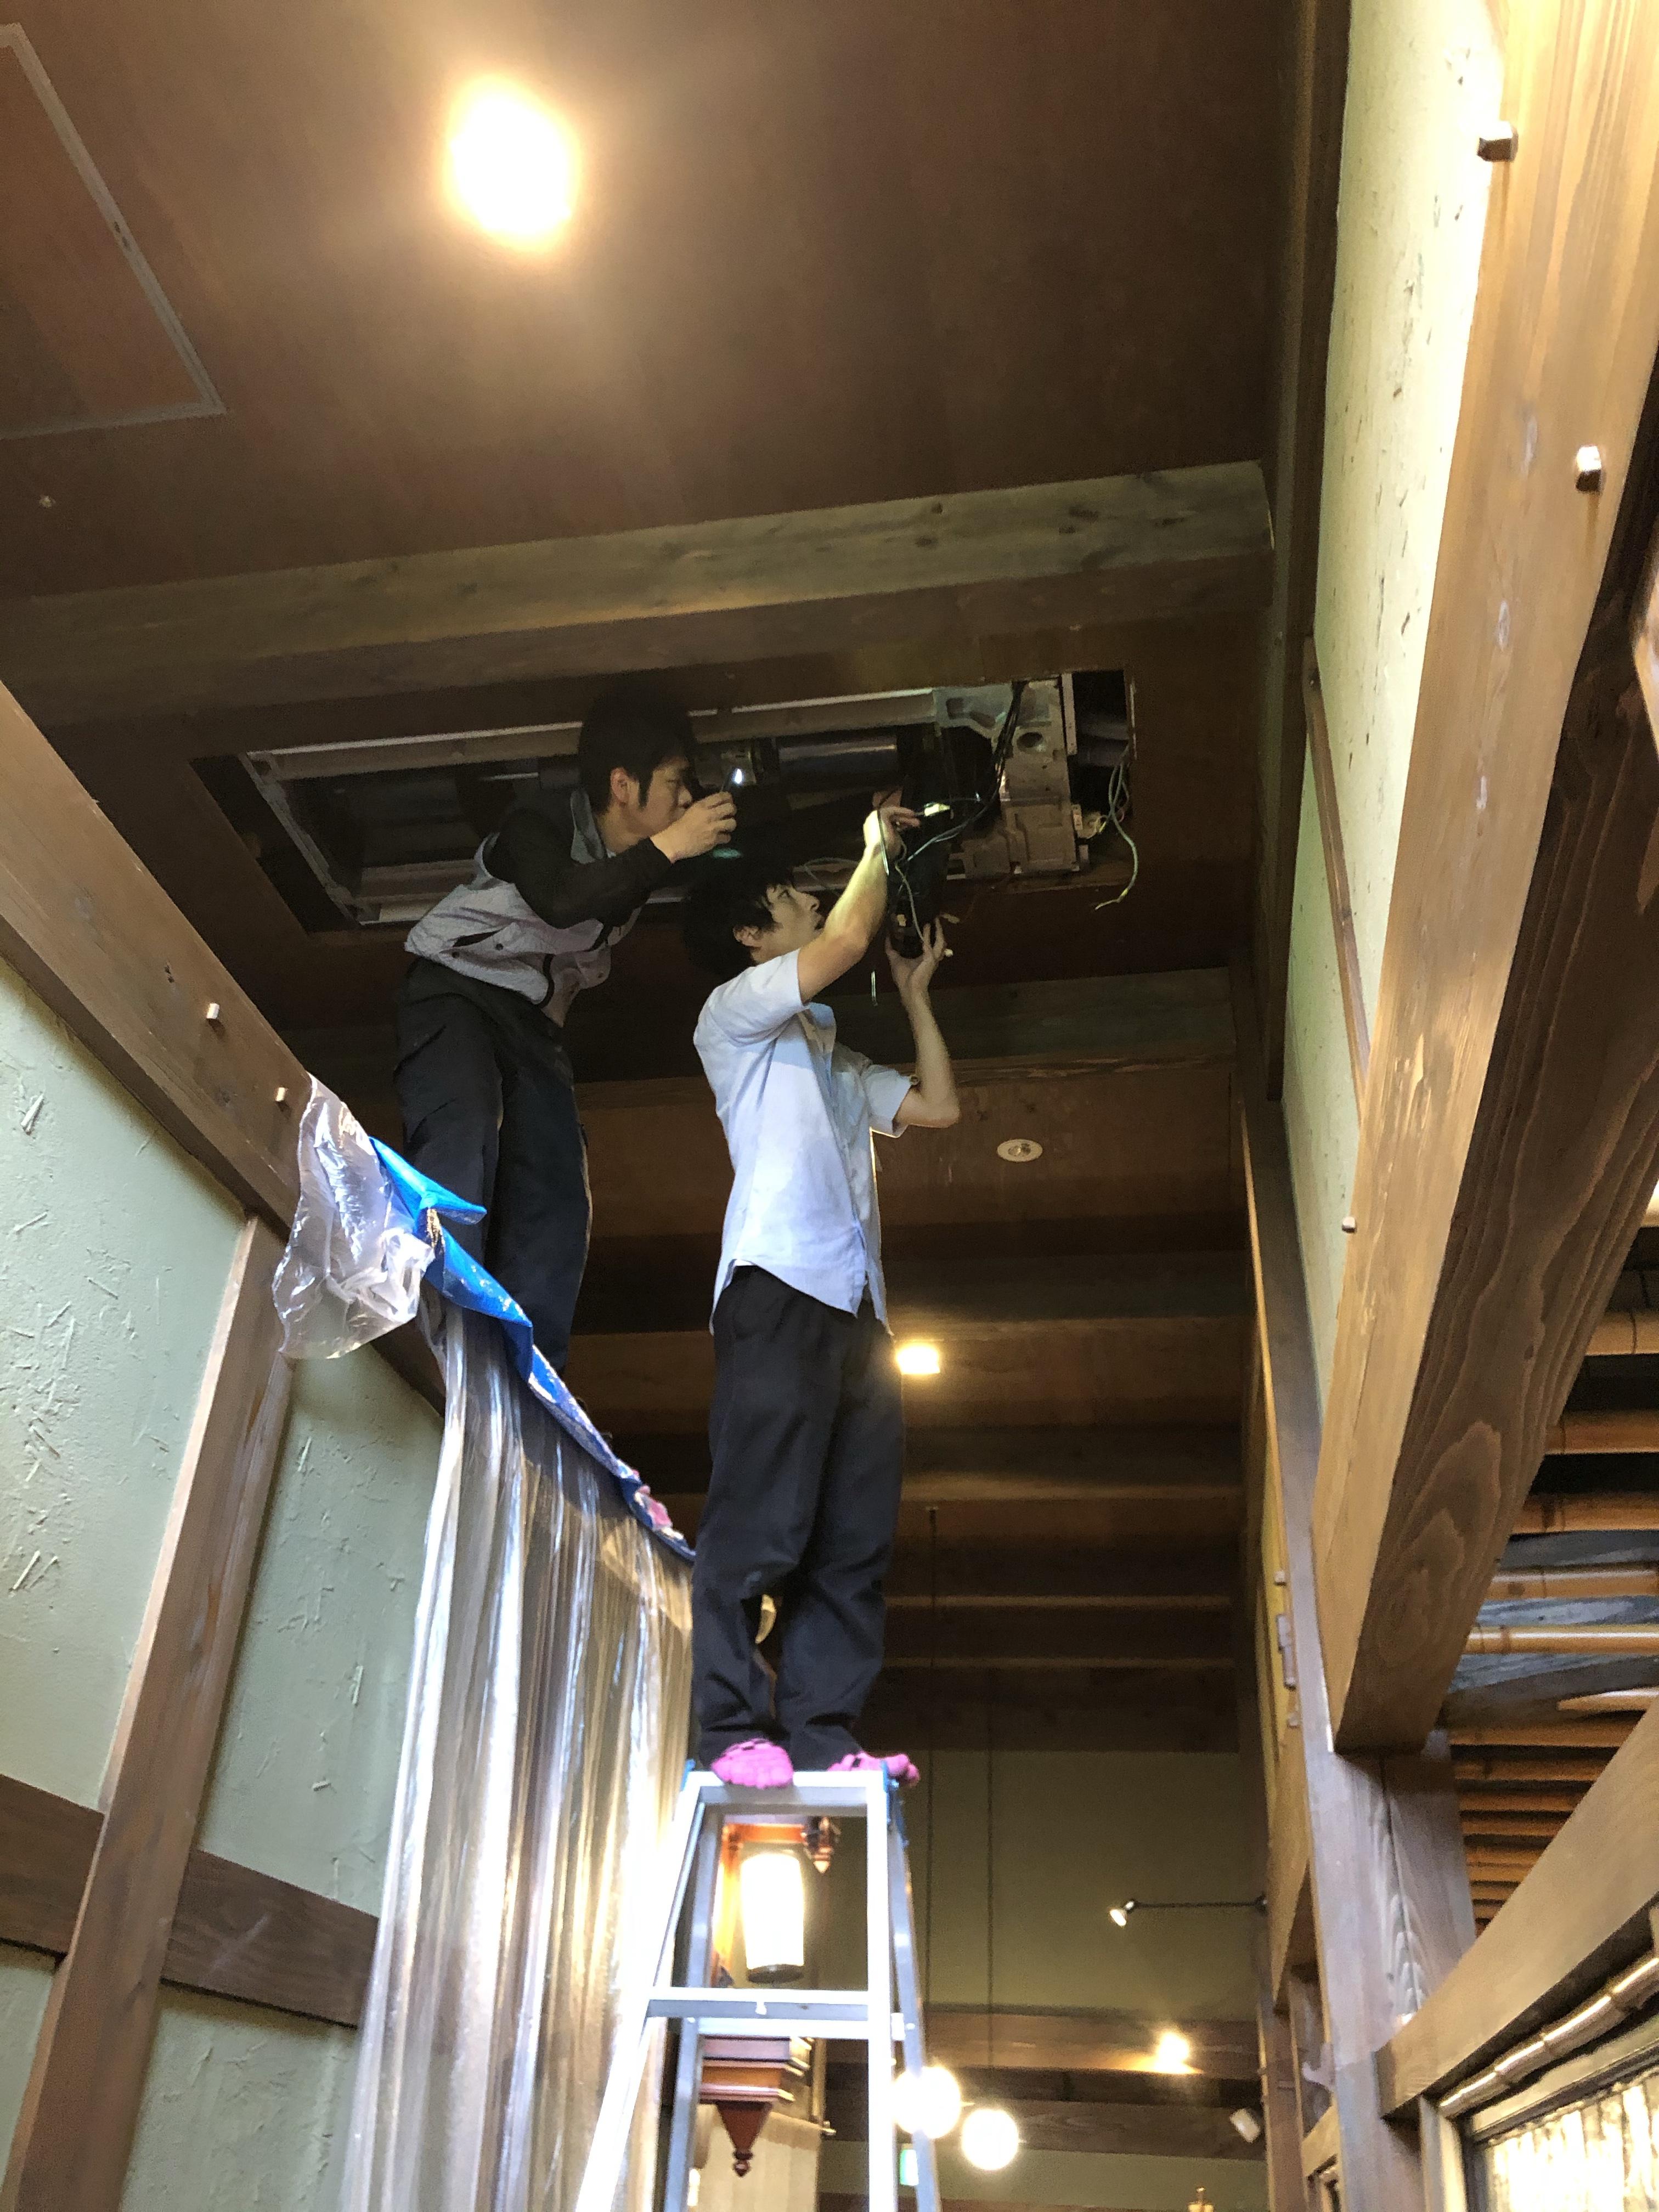 佐賀市大和町高さ5メートル天井埋め込みエアコン清掃